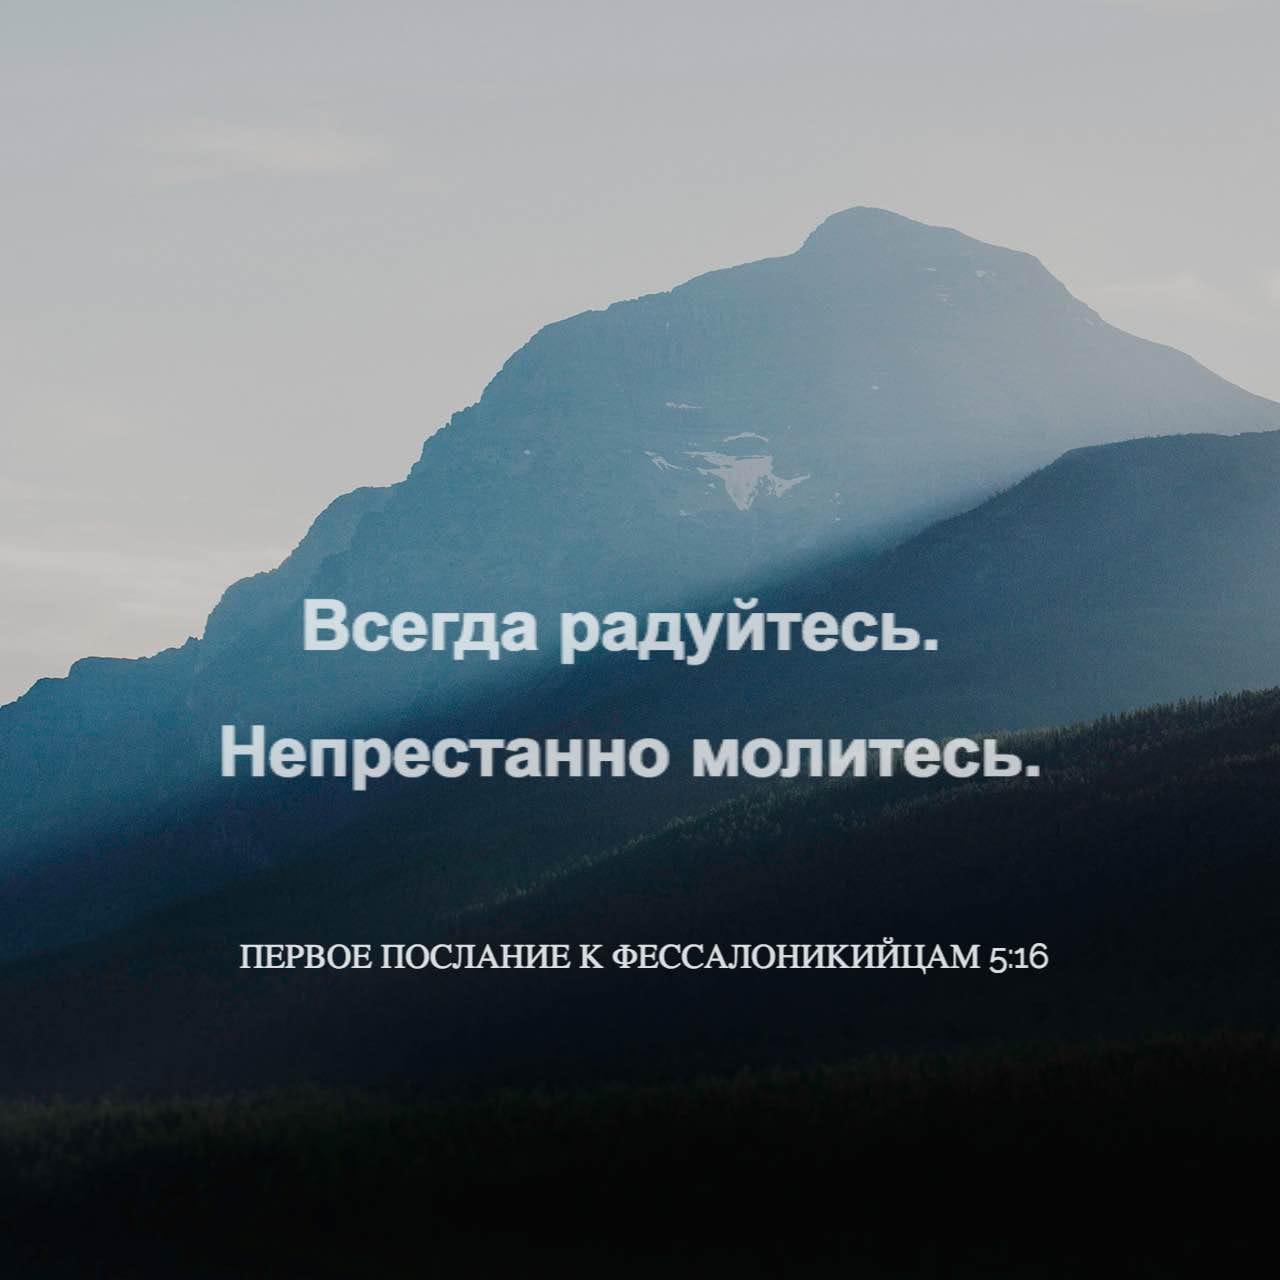 Фото-стих 1 Фессаллникийцам 5:17